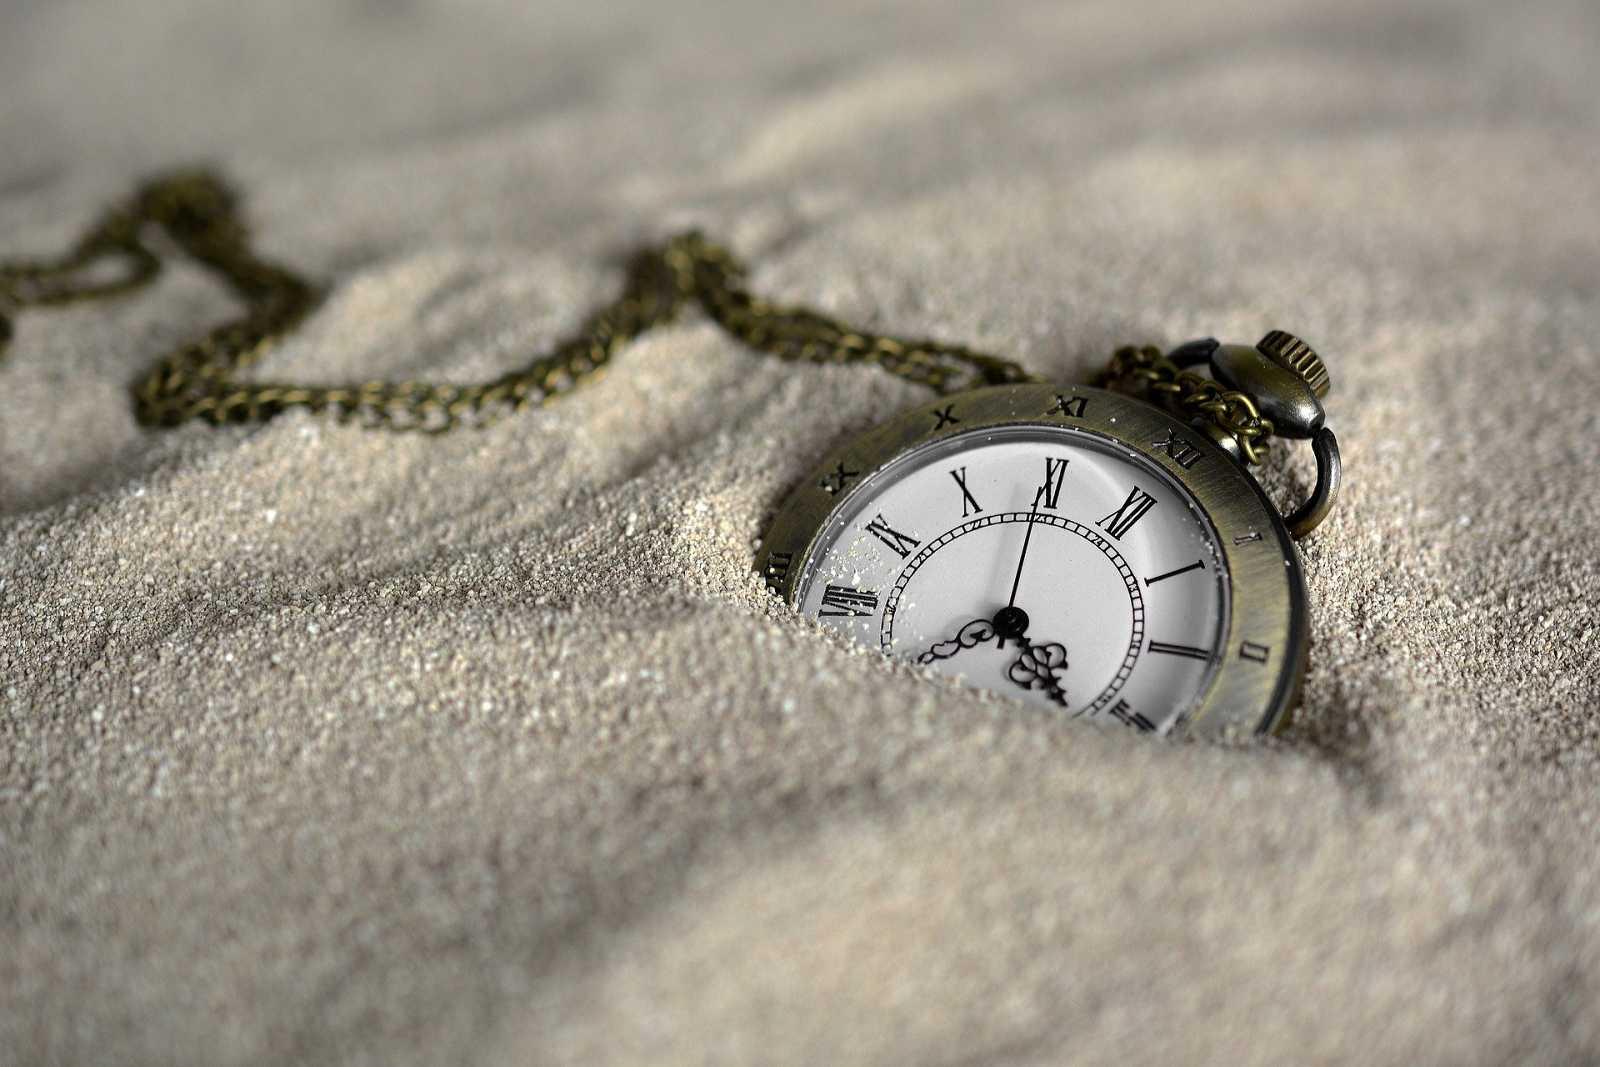 A su salud - La gestión del estrés en los tiempos del covid - 30/12/20 - Escuchar ahora